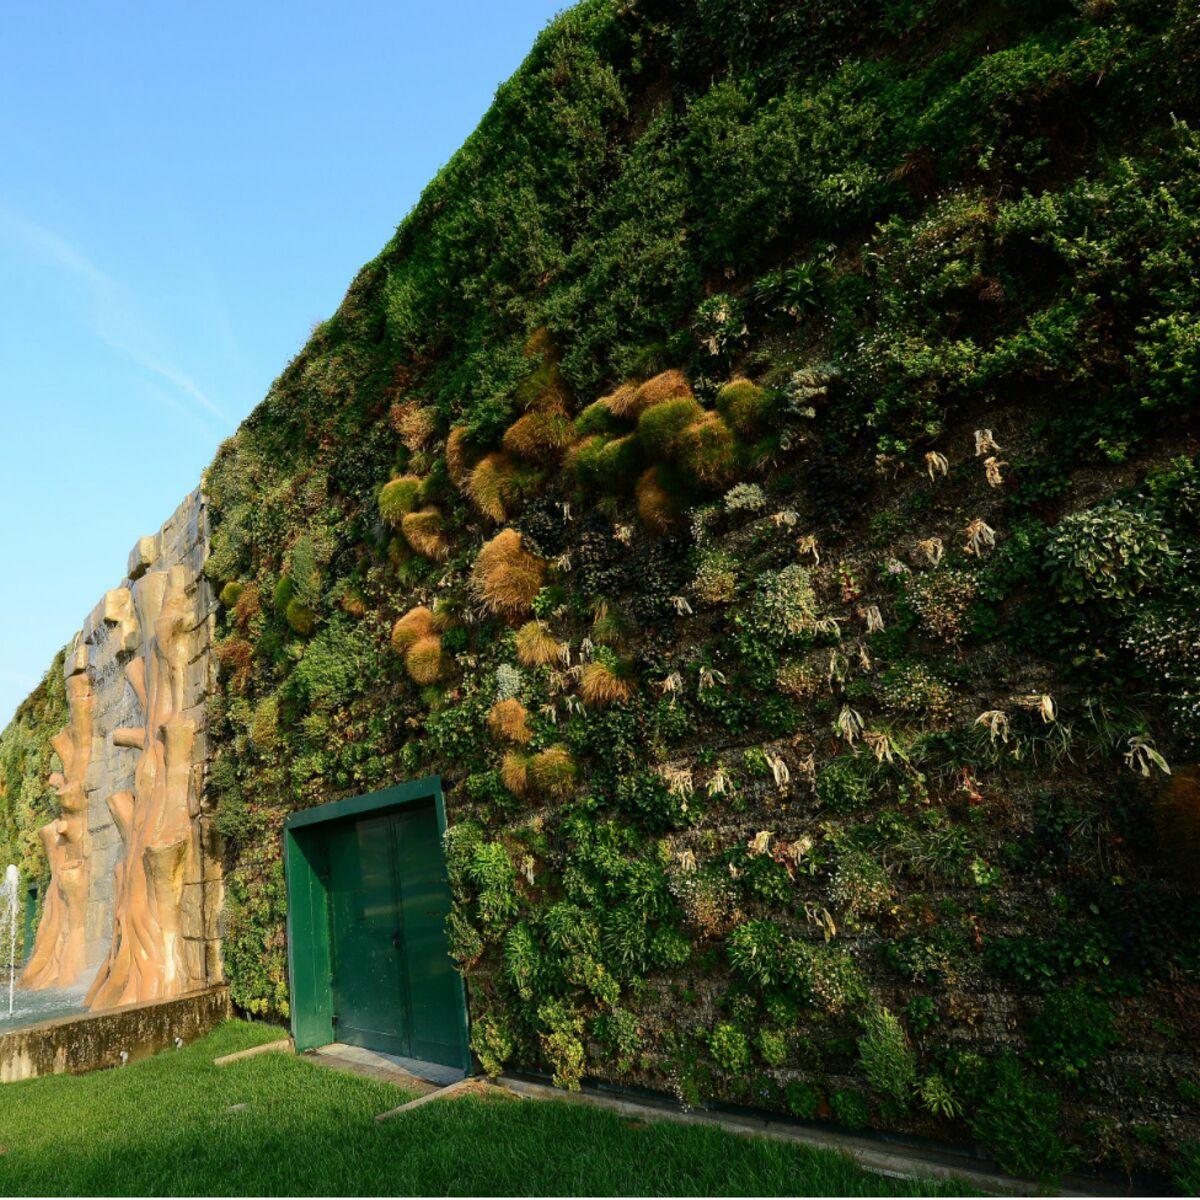 Mur Végétal Extérieur Palette le plus grand mur végétal entre dans le guinness : femme